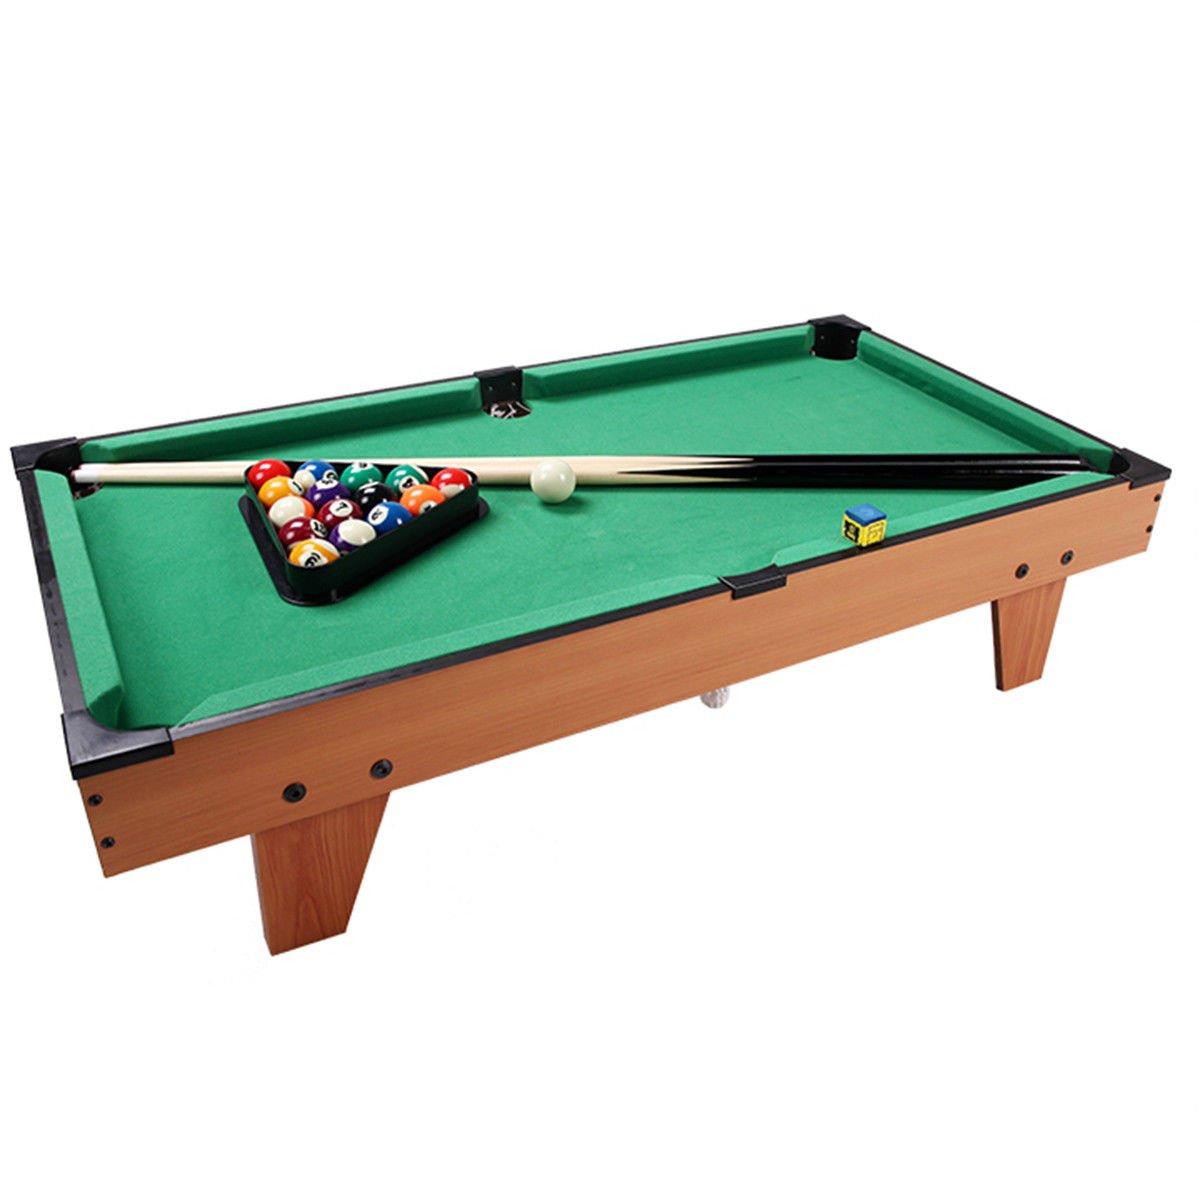 Juego de mesa de juego 3 en 1 de 91,44 cm con hockey de aire con ...